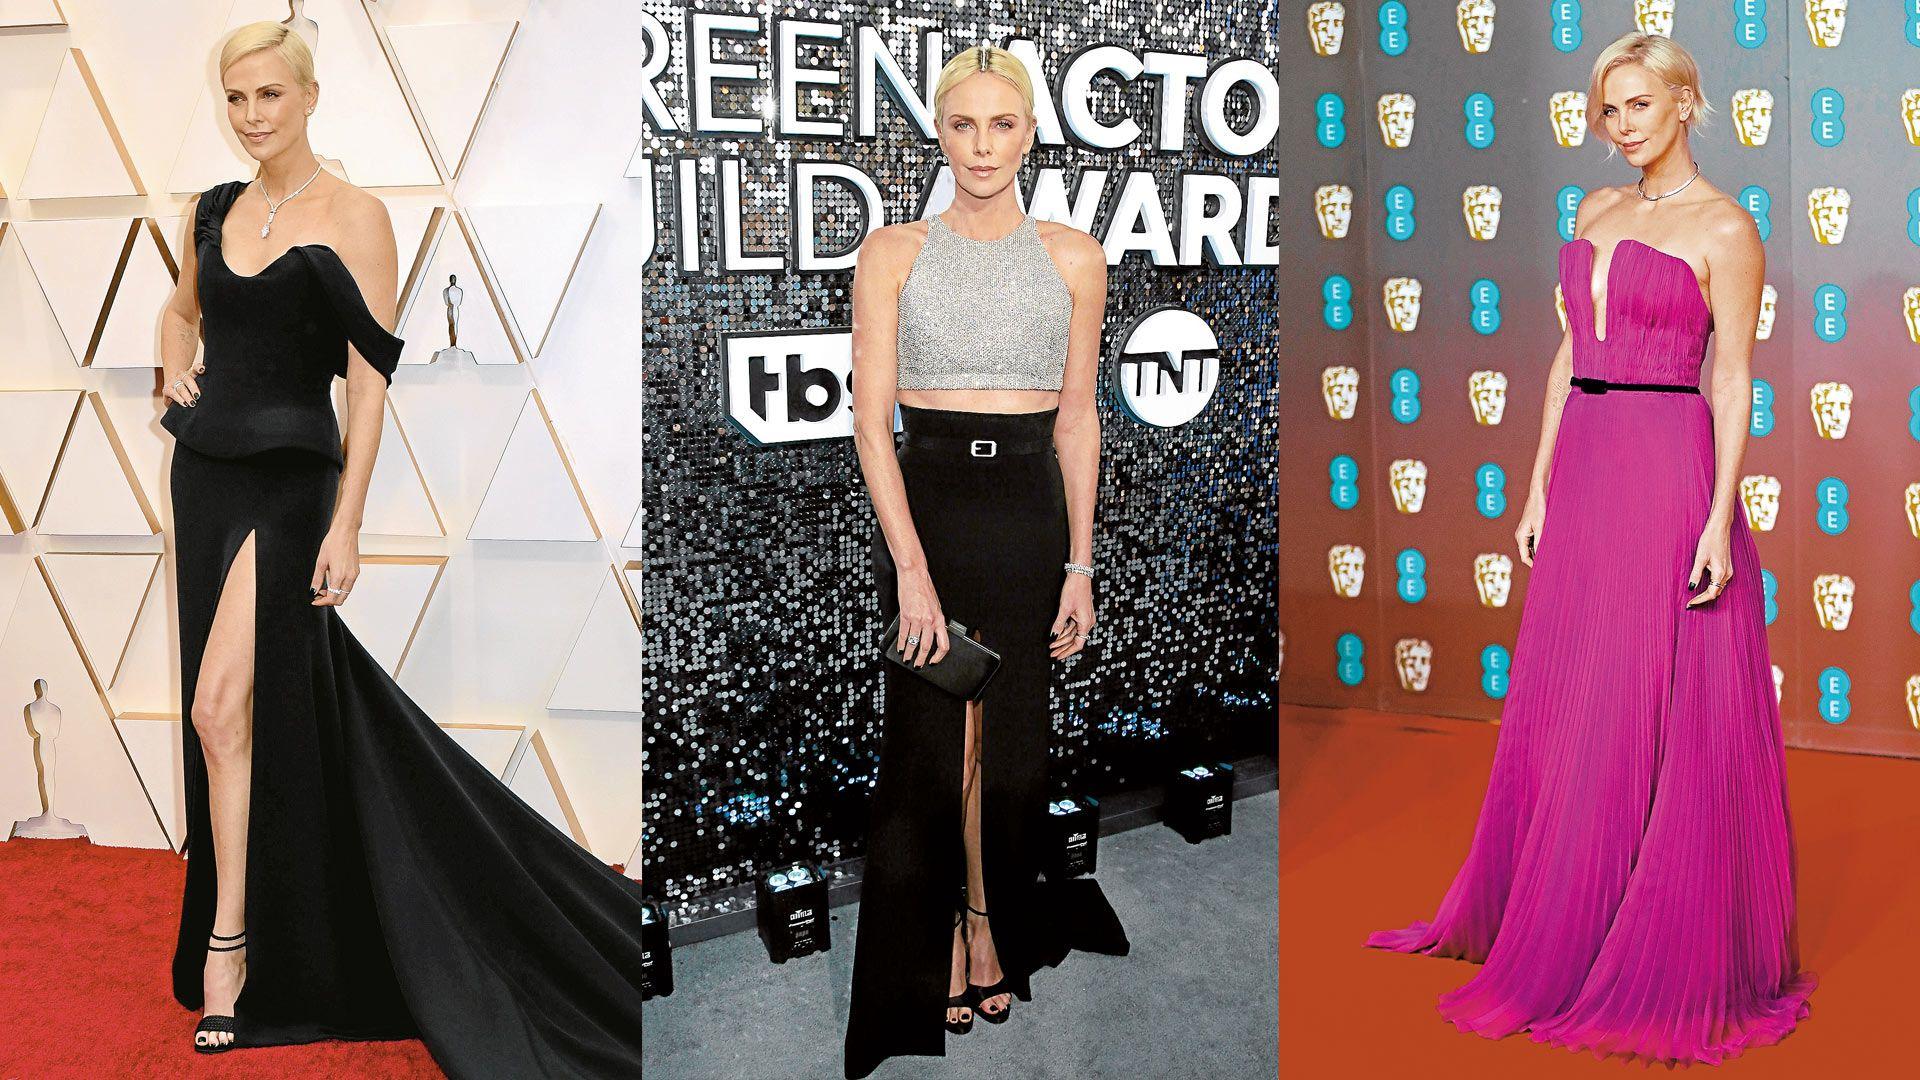 Quiénes son las 6 celebrities que nunca equivocan el look